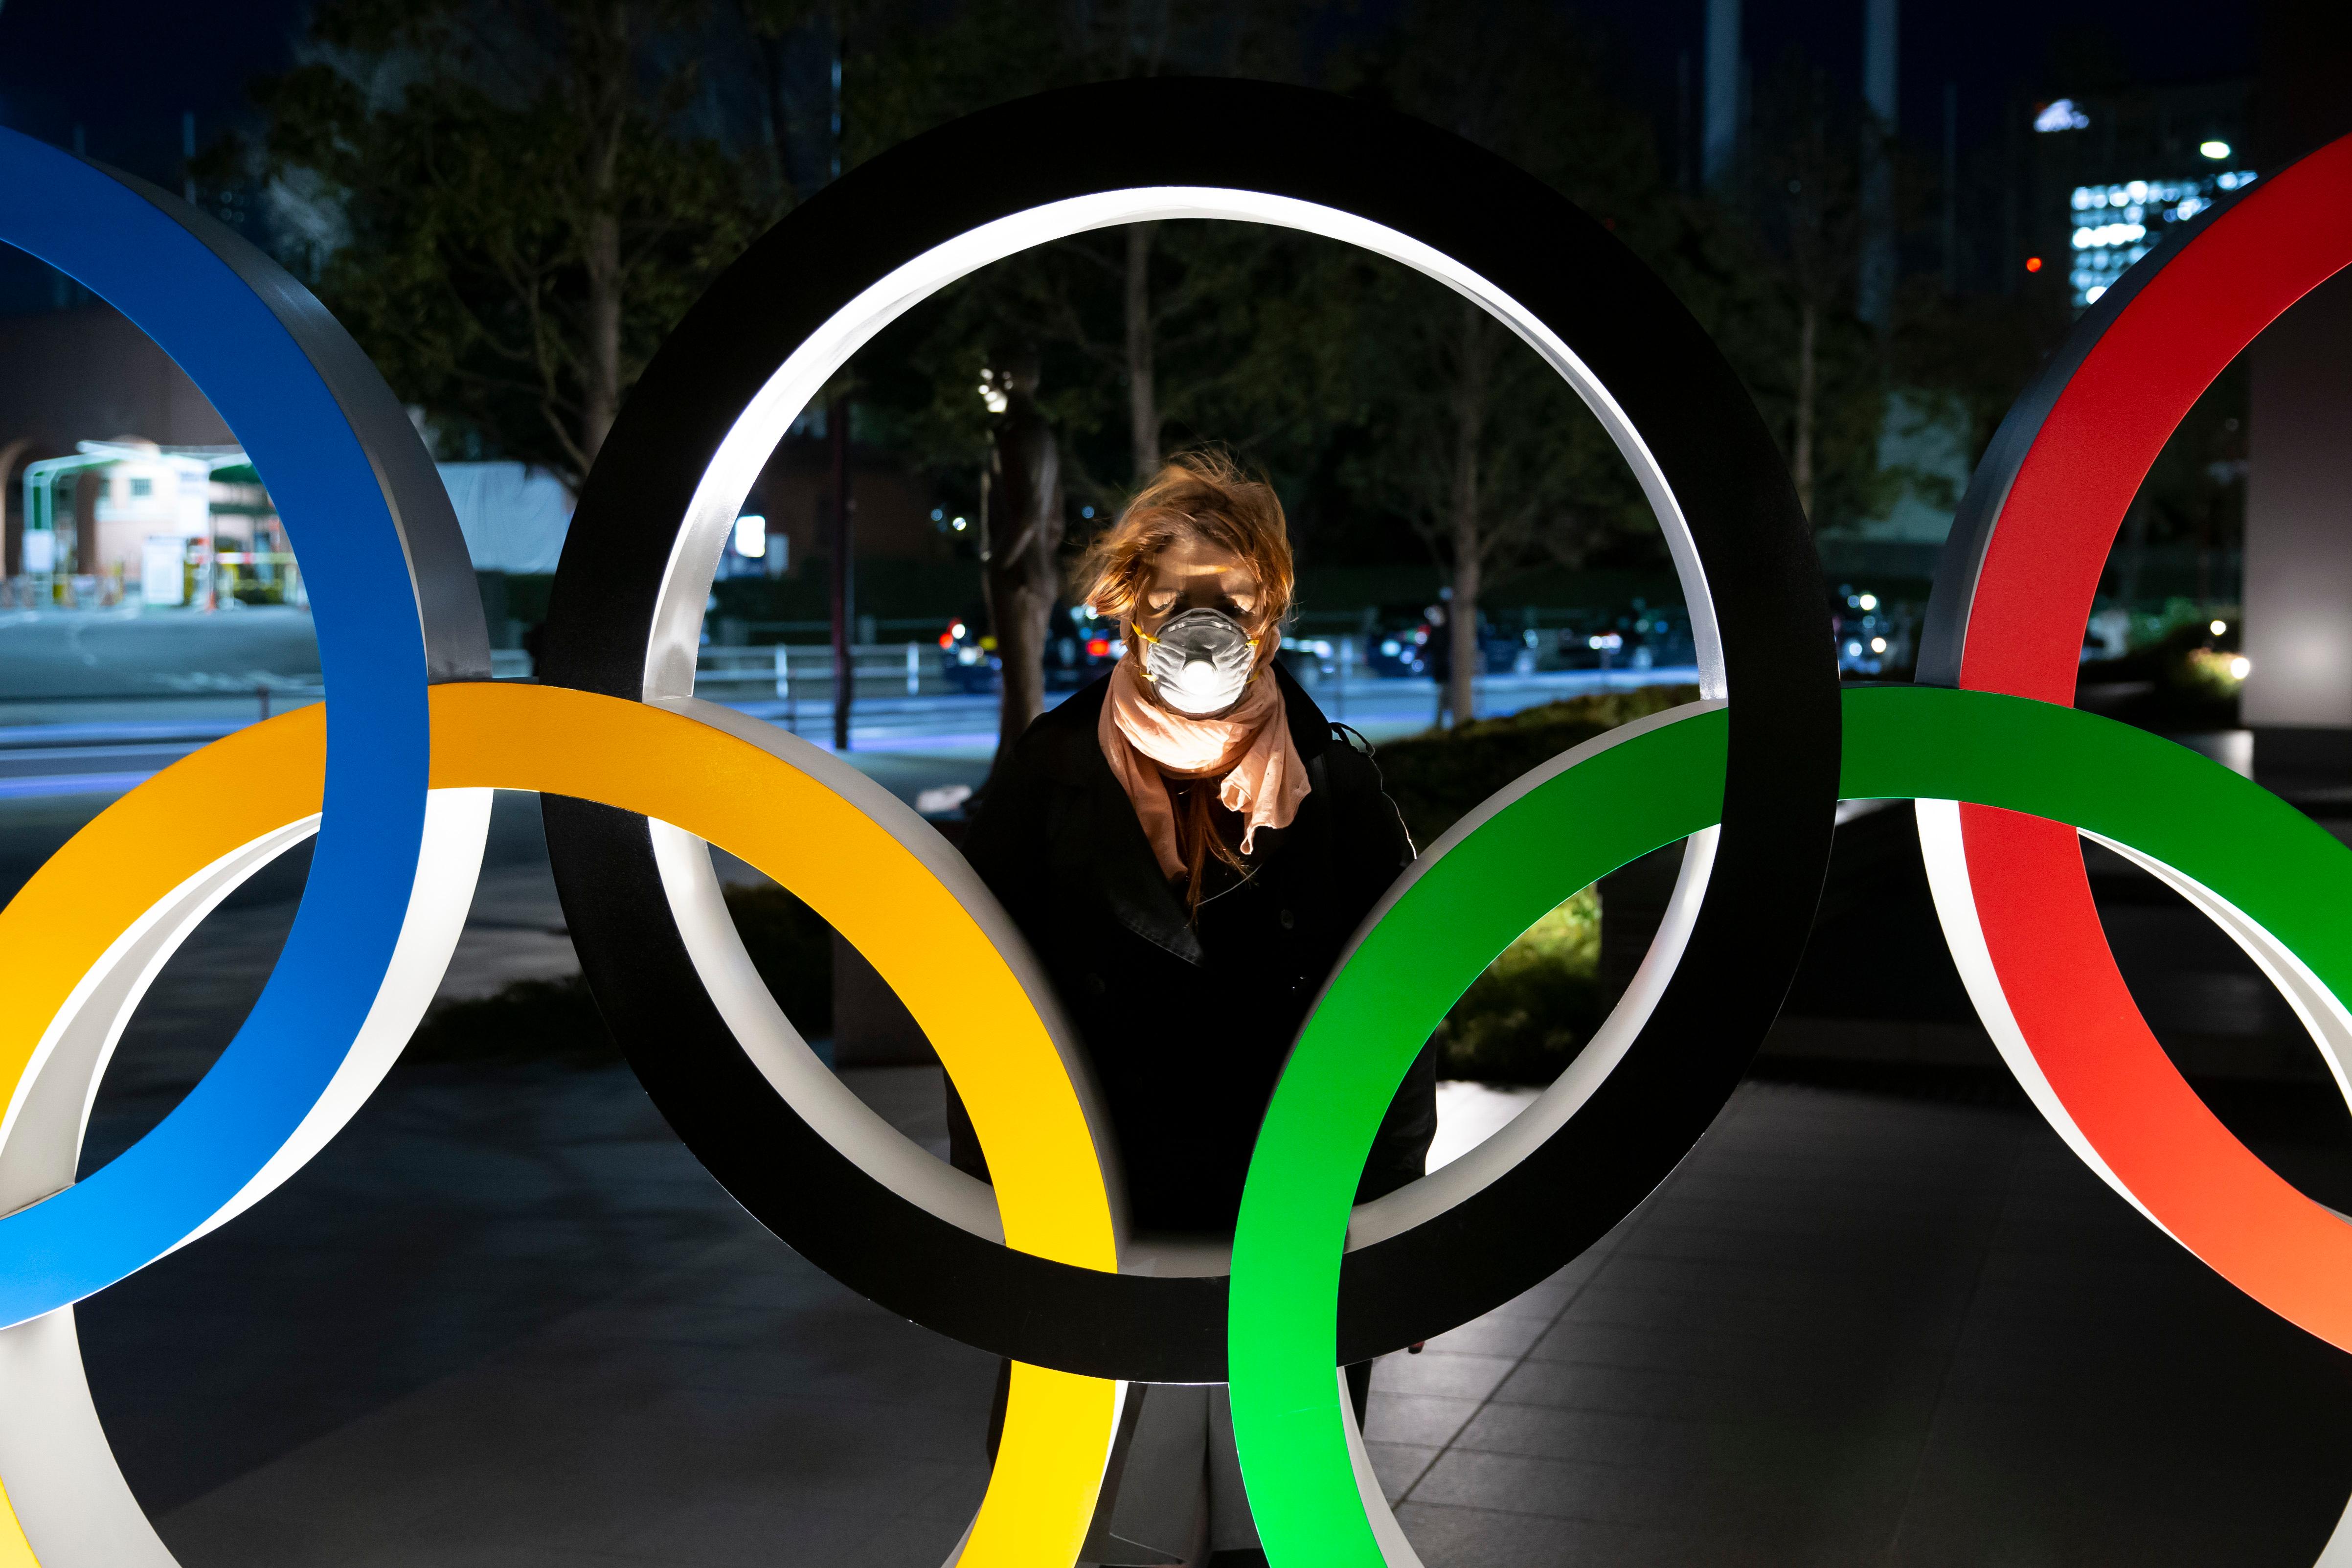 Stare de urgență la Tokyo până pe 7 februarie. Premierul Japoniei reafirmă că va găzdui Jocurile Olimpice